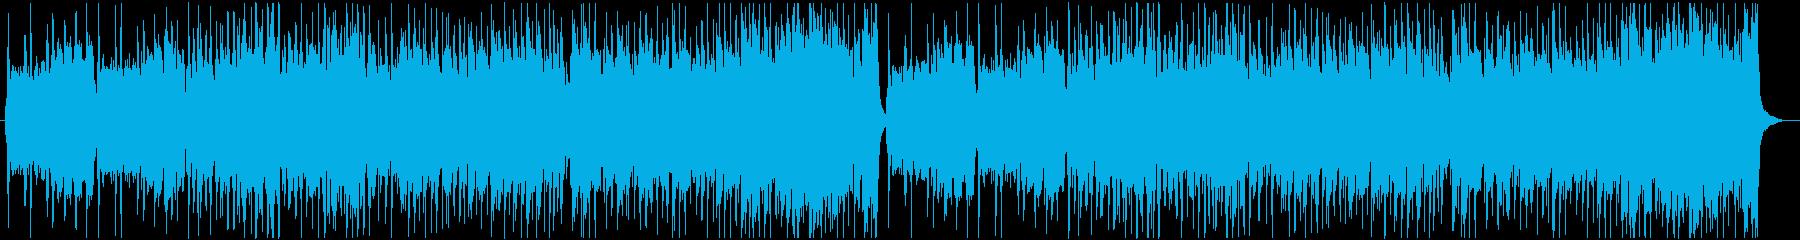 にぎやかなケルト曲の再生済みの波形